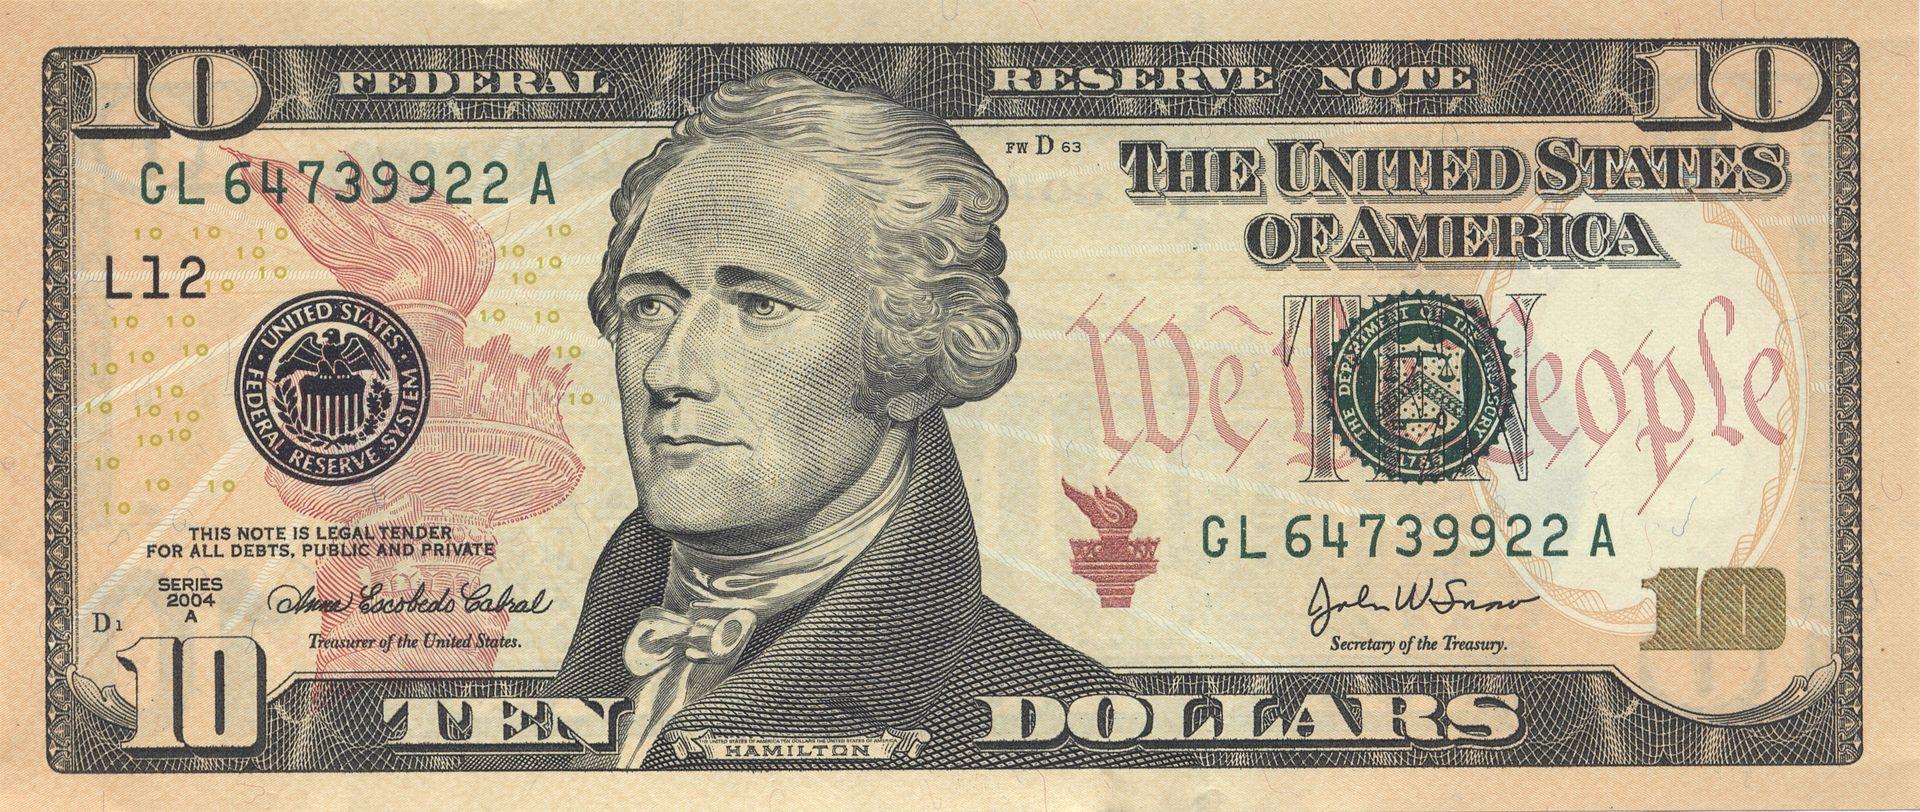 US10dollarbill.jpg